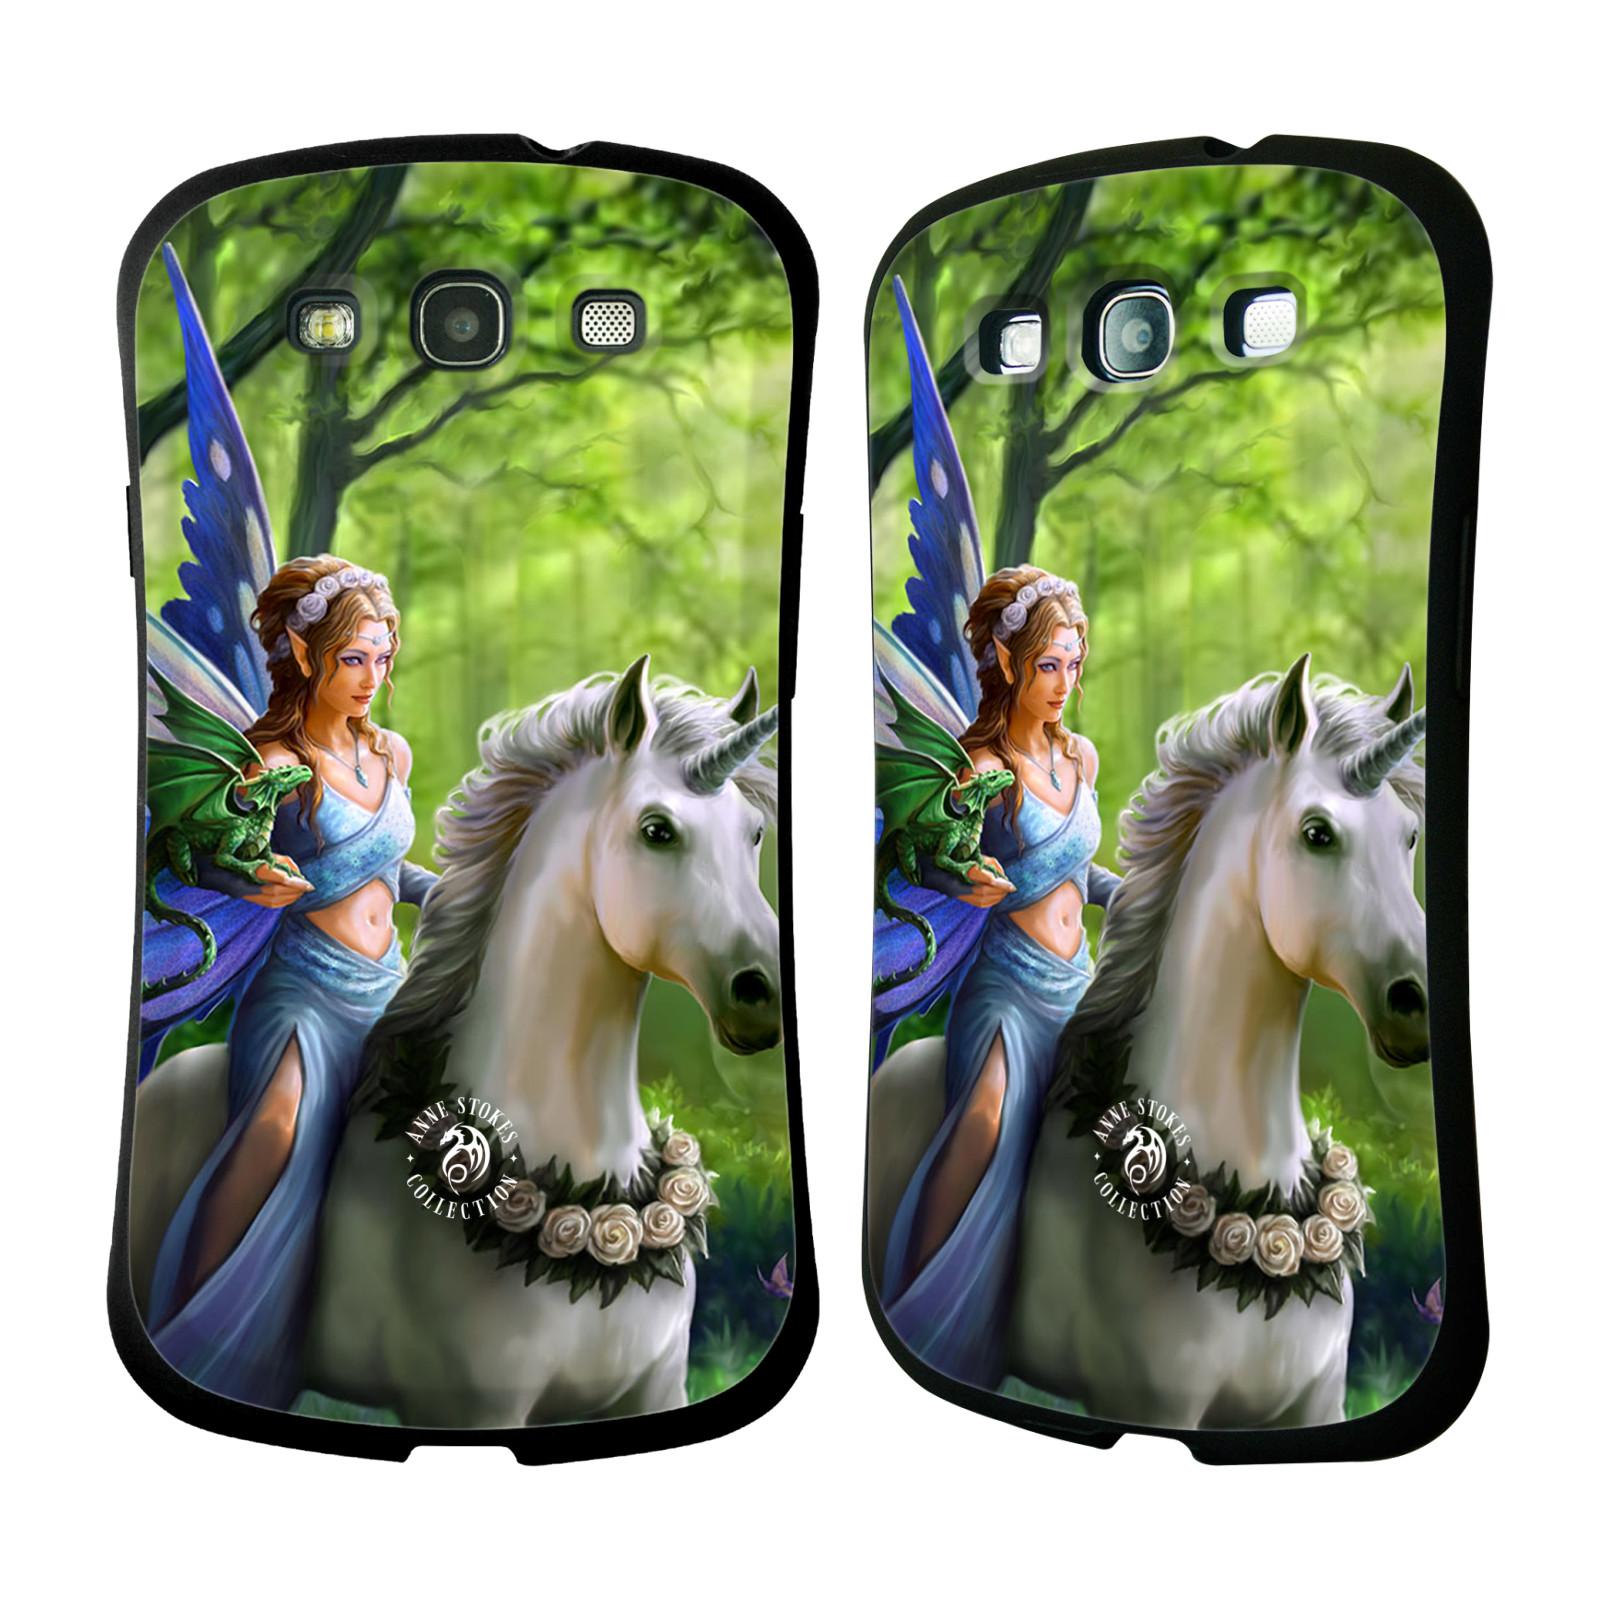 HEAD CASE silikon/plast odolný obal na mobil Samsung Galaxy S3 i9300 / S3 NEO Anne Stokes žena elf na koni